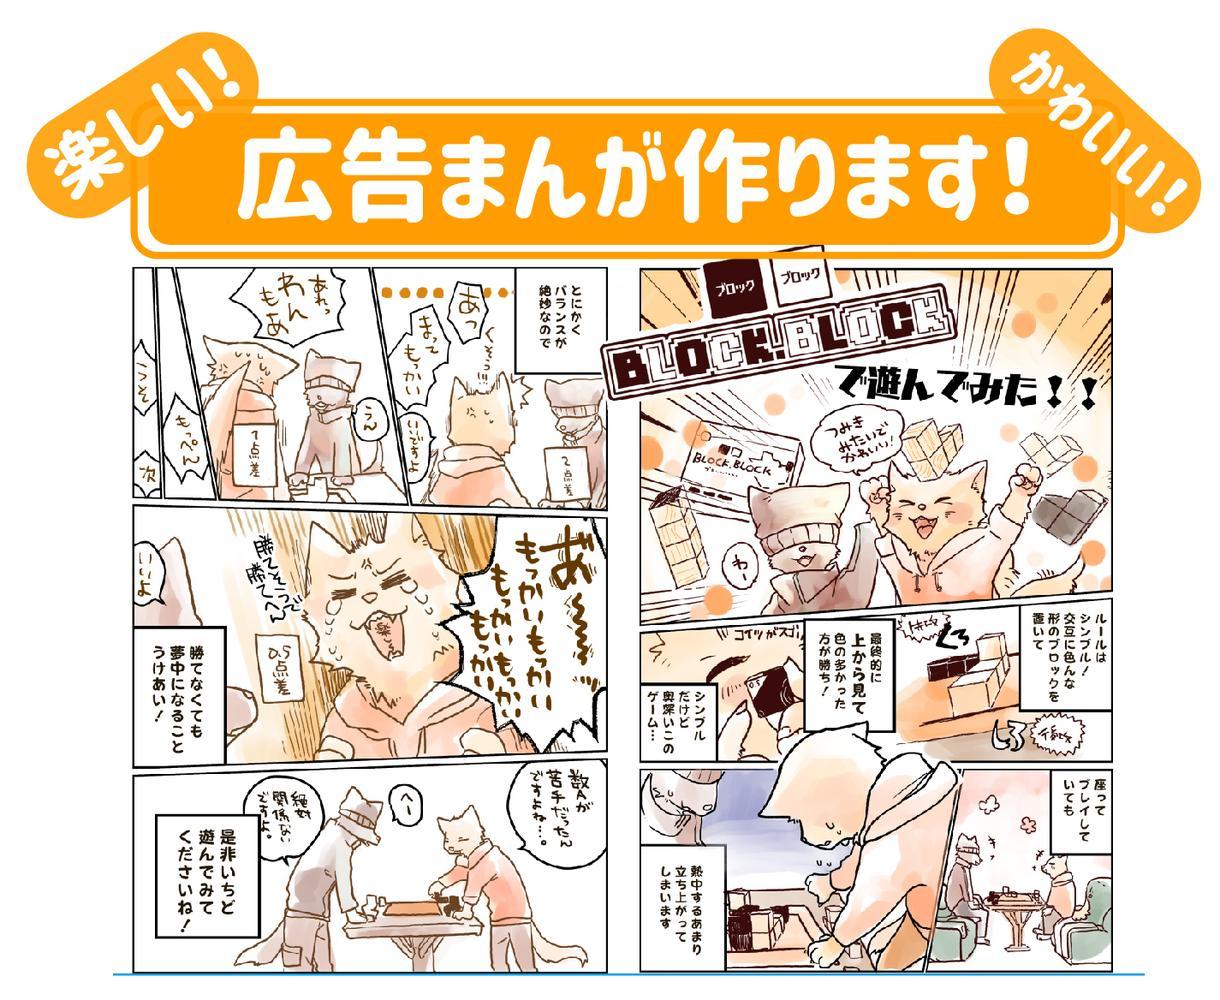 一コマ1500円!集客用の広告漫画描きます 白黒なら40%割引します!!コロナに負けず頑張りましょう。 イメージ1